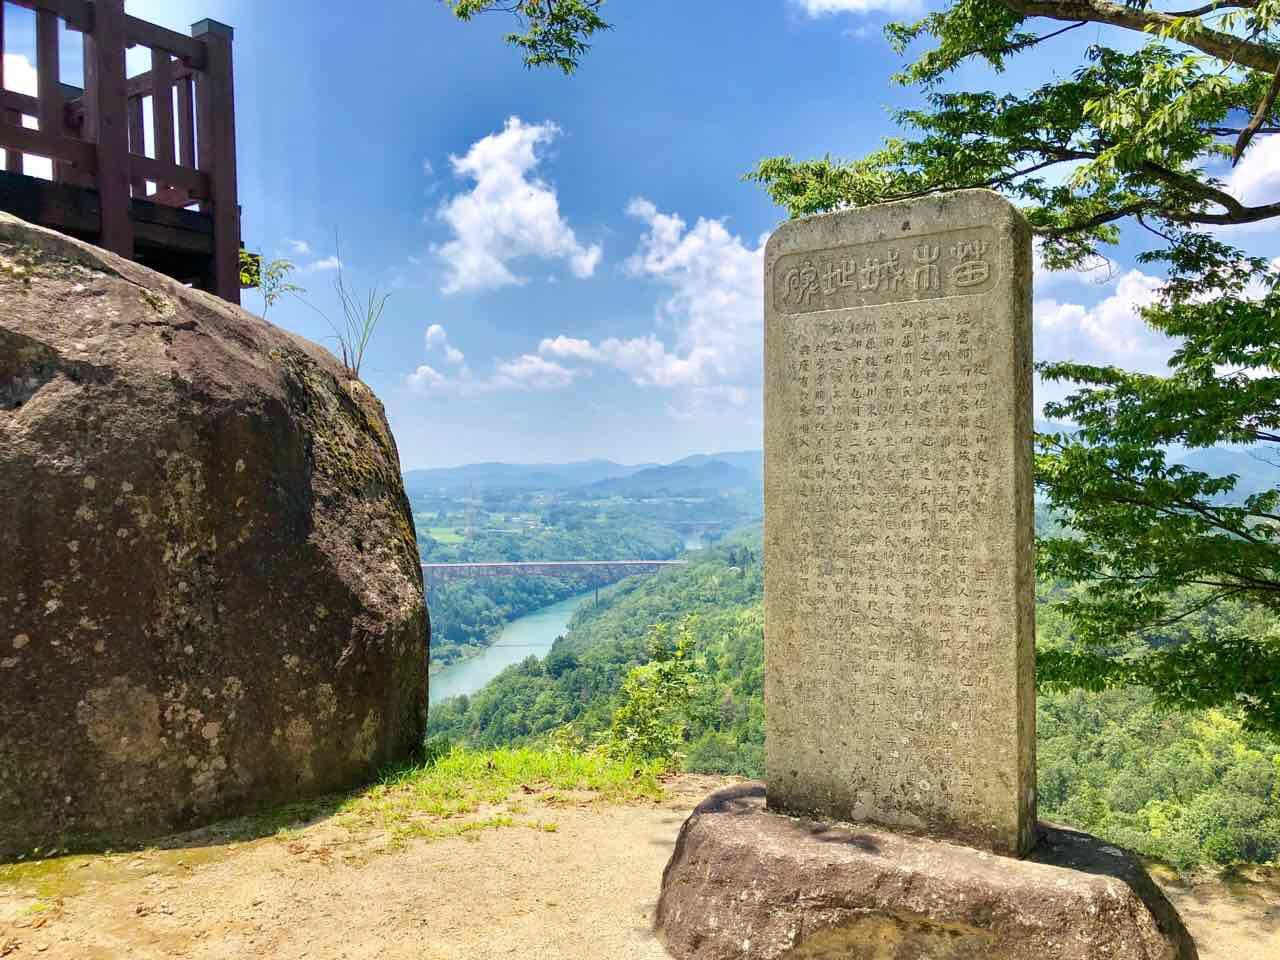 苗木城跡の石碑